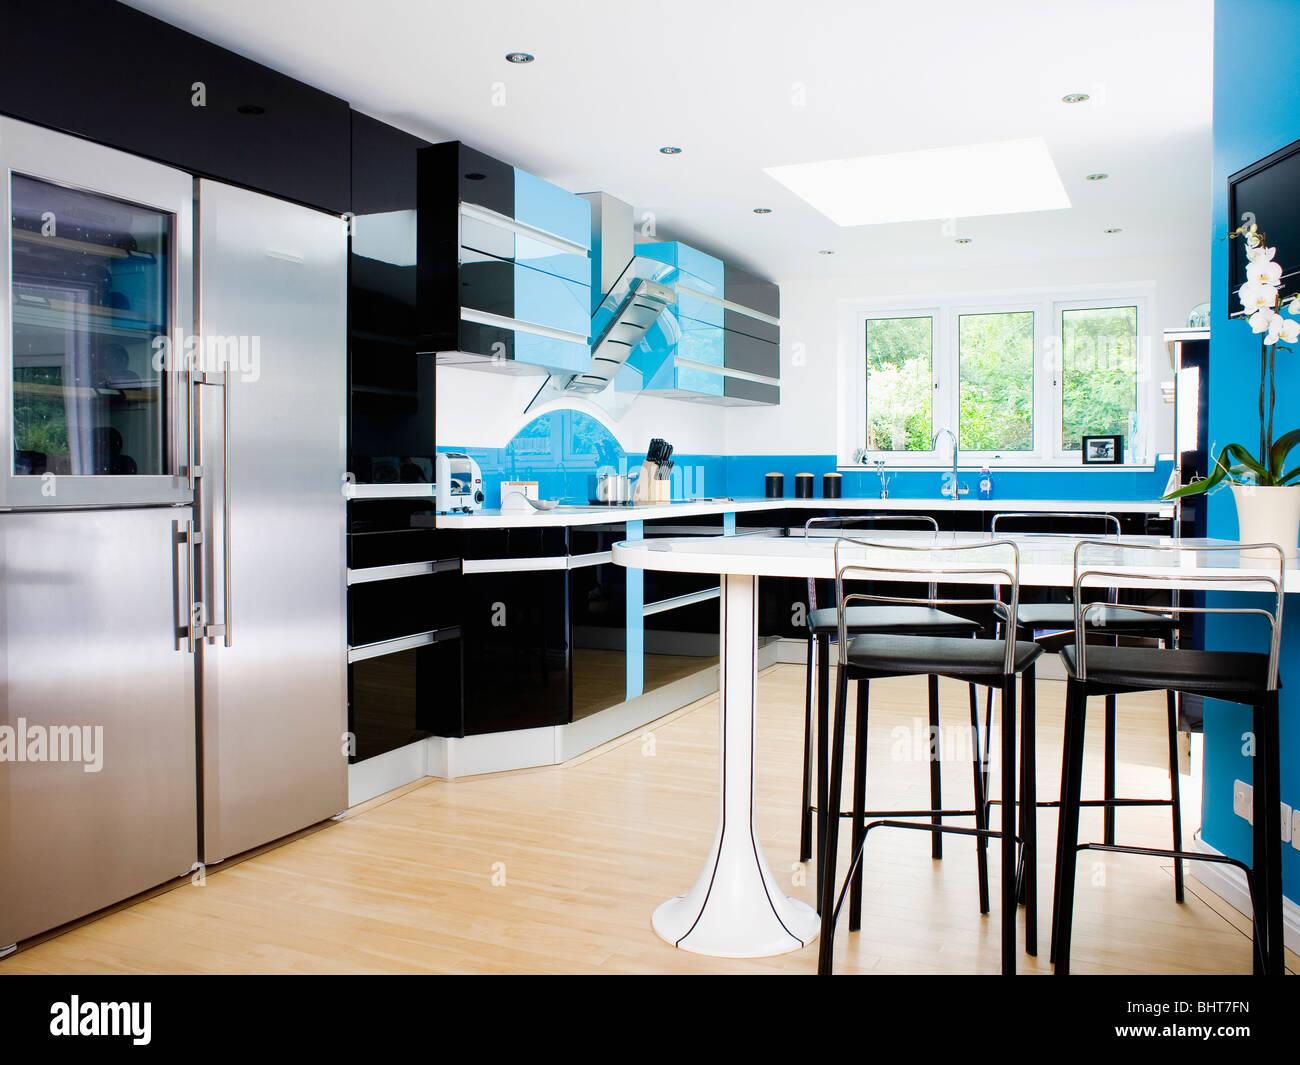 Preto No Branco De Mesa Montada De Fezes Em Azul E Preto Cozinha